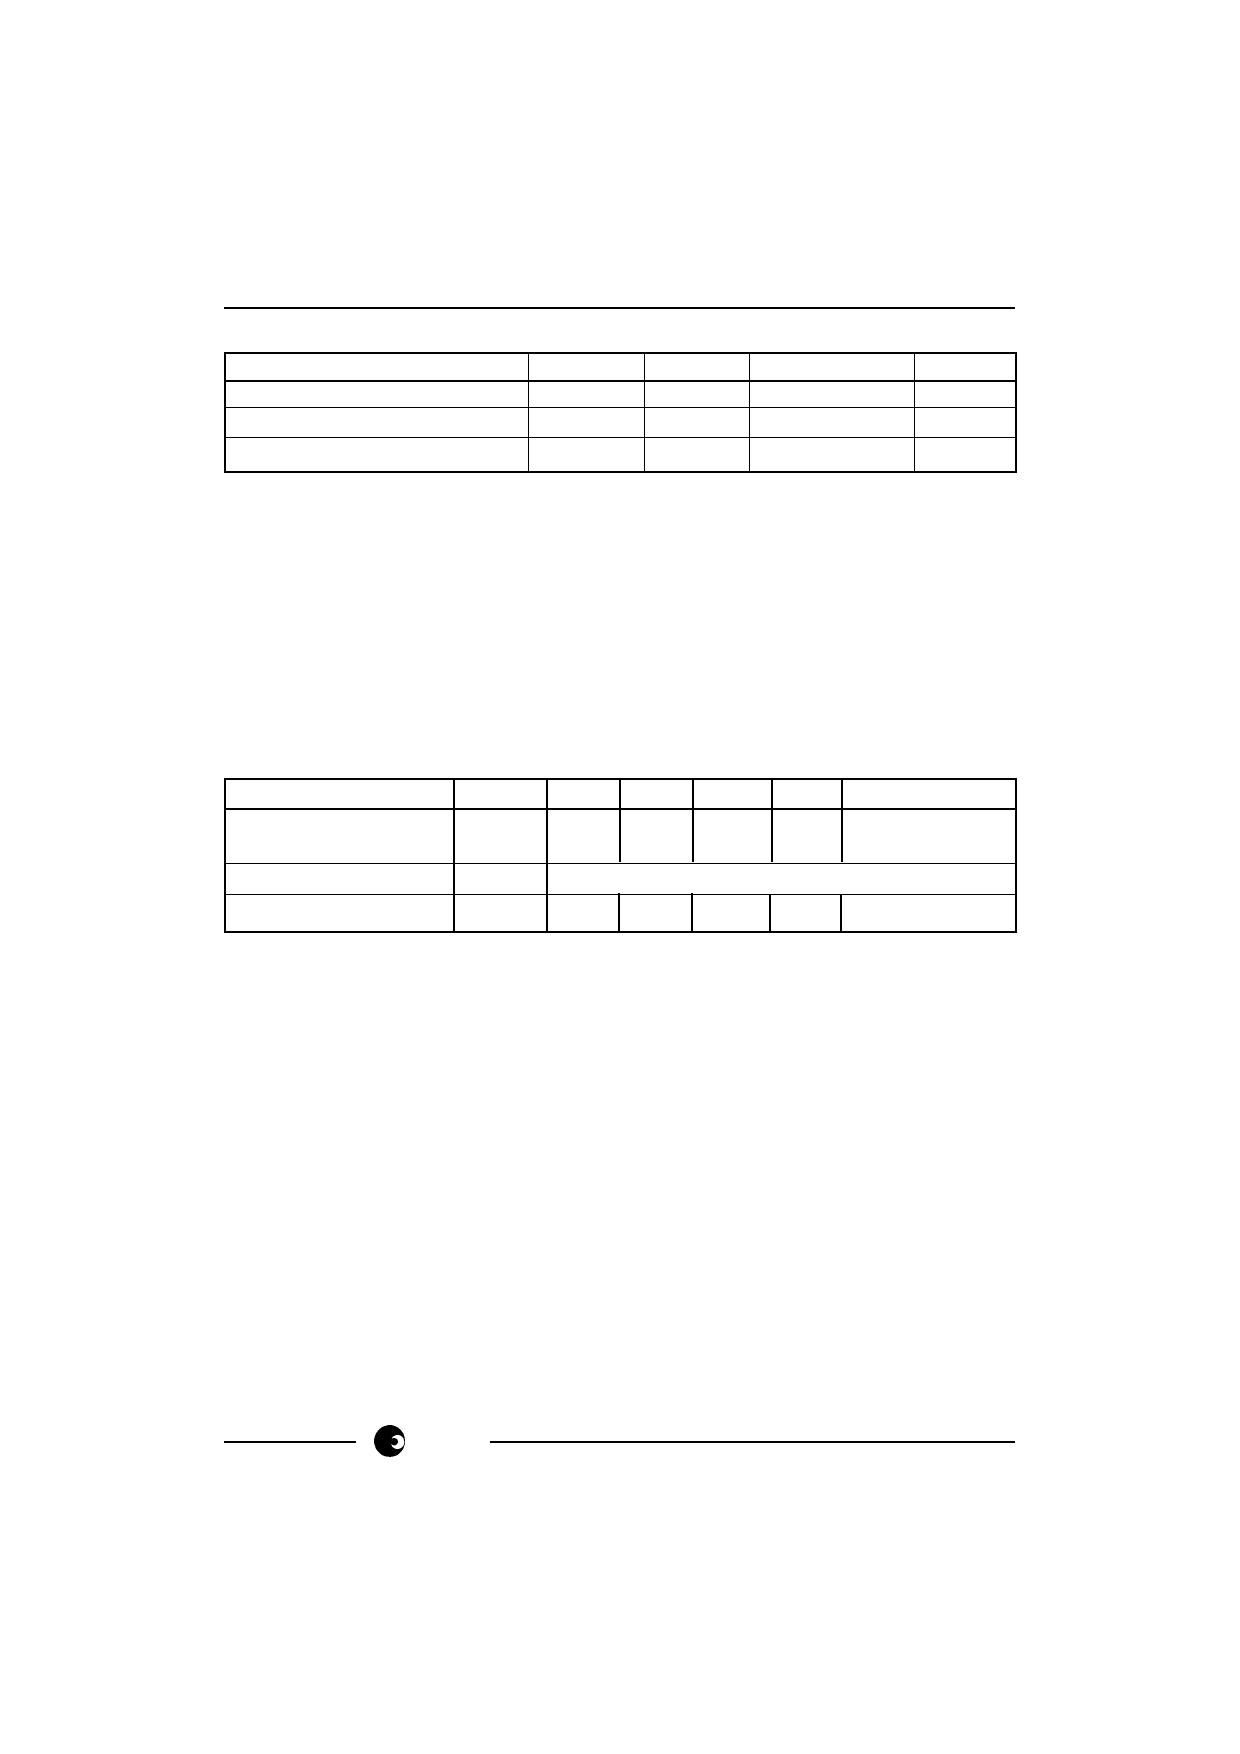 PM9604AP pdf, schematic